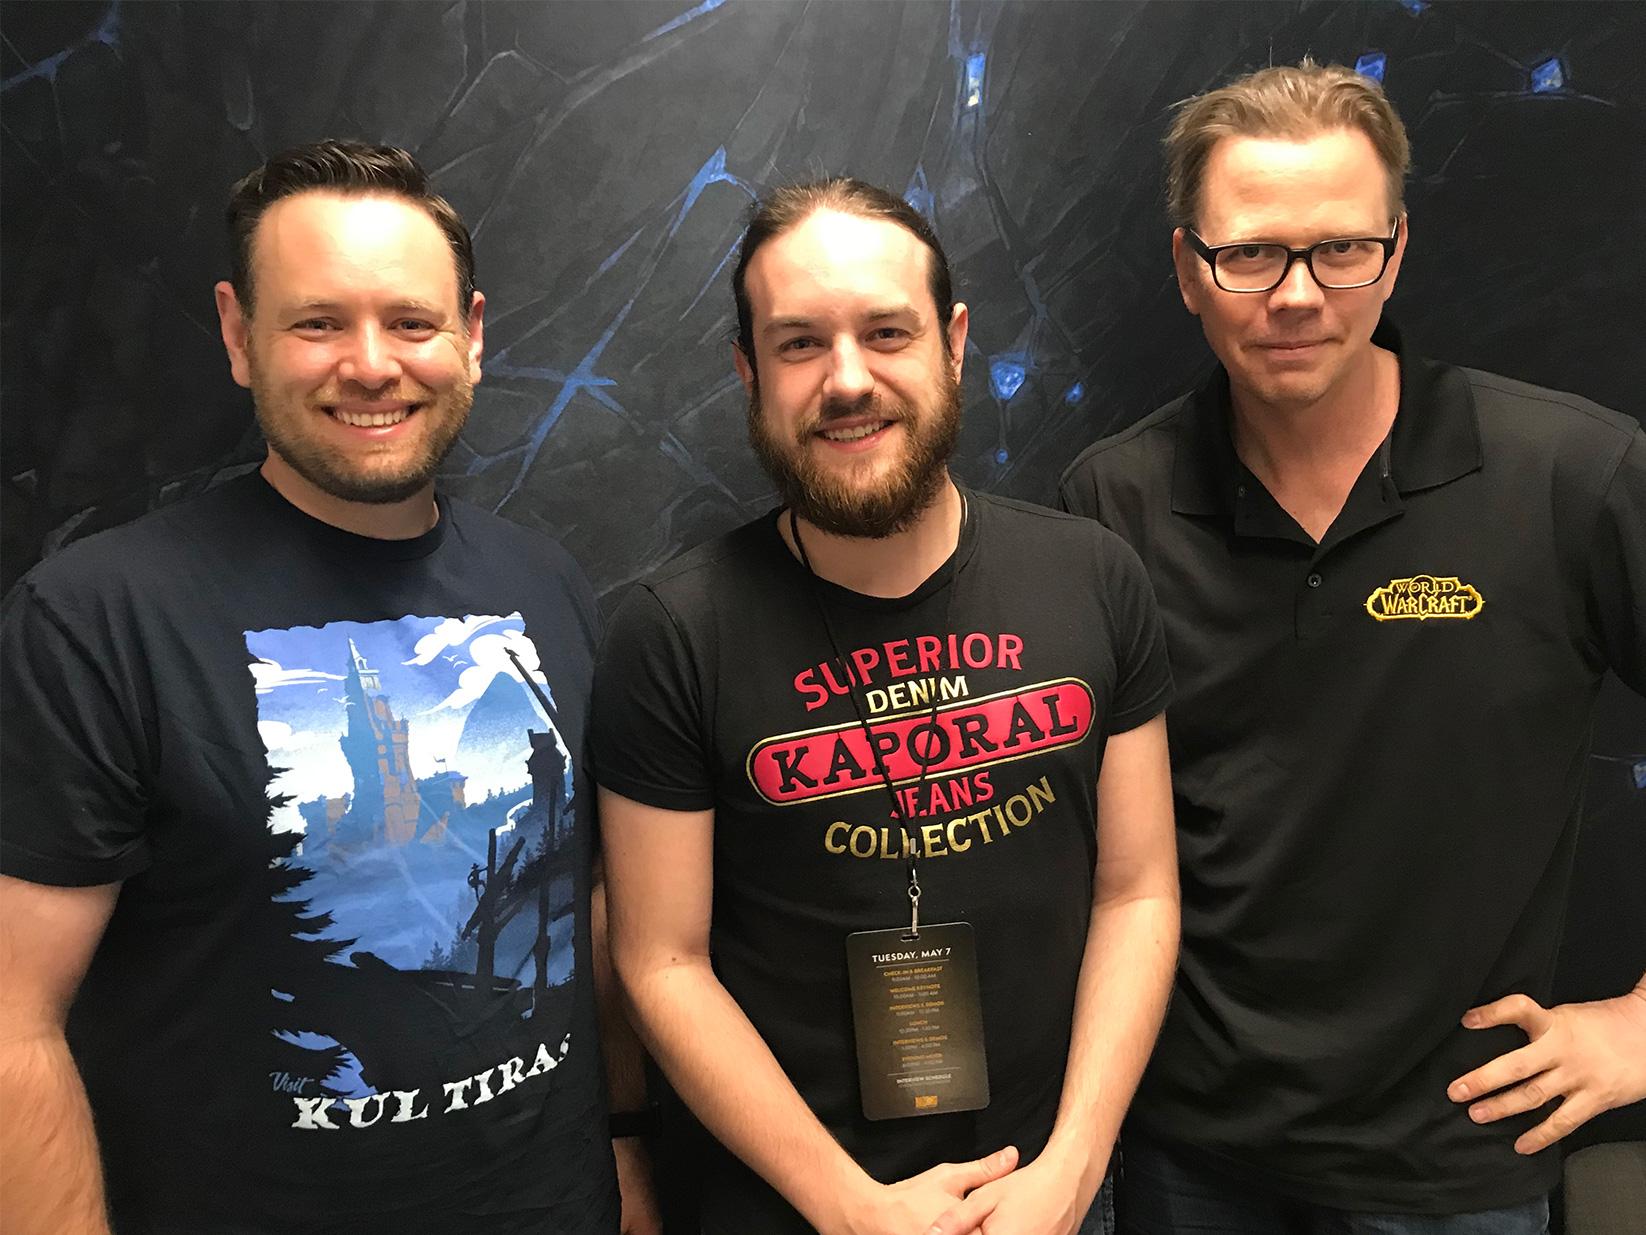 Kevin Martens, Frank Kowalkowski et Zecharia ont discuté du patch 8.2